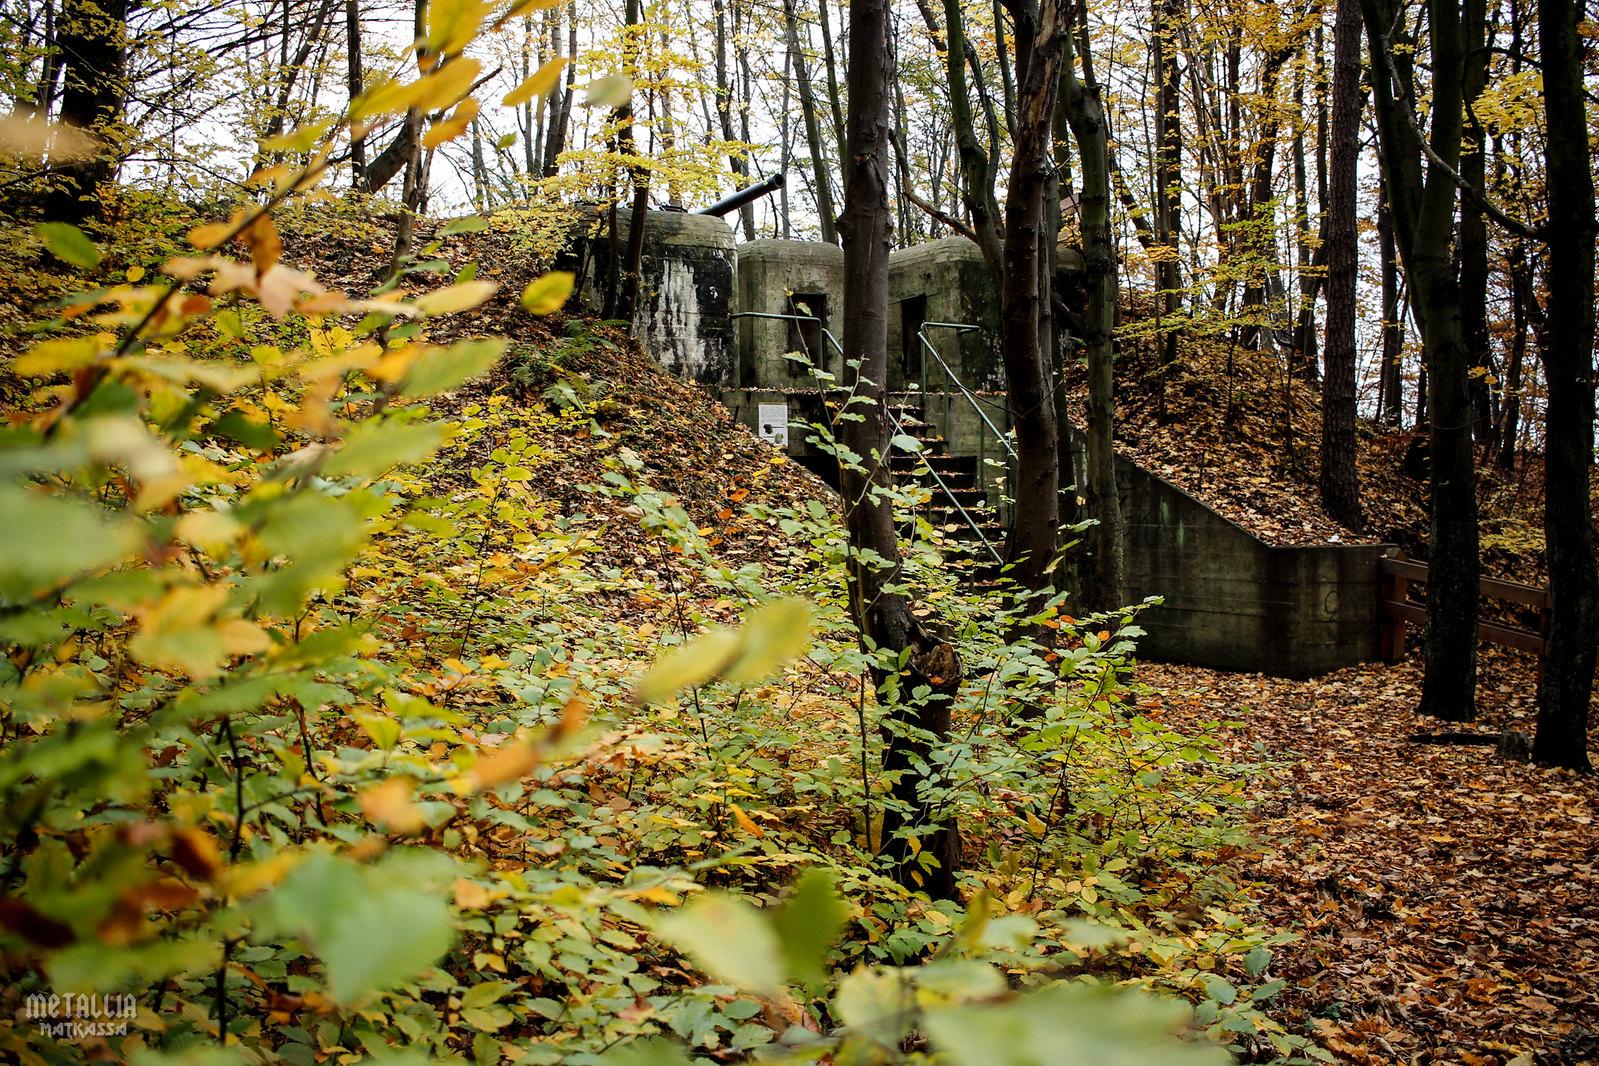 gdynia, redłowo, rezerwat przyrody kępa redłowska, kępa redłowska nature reserve, tricity sightseeing, gdynia sightseeing, 130mm cannon, second world war